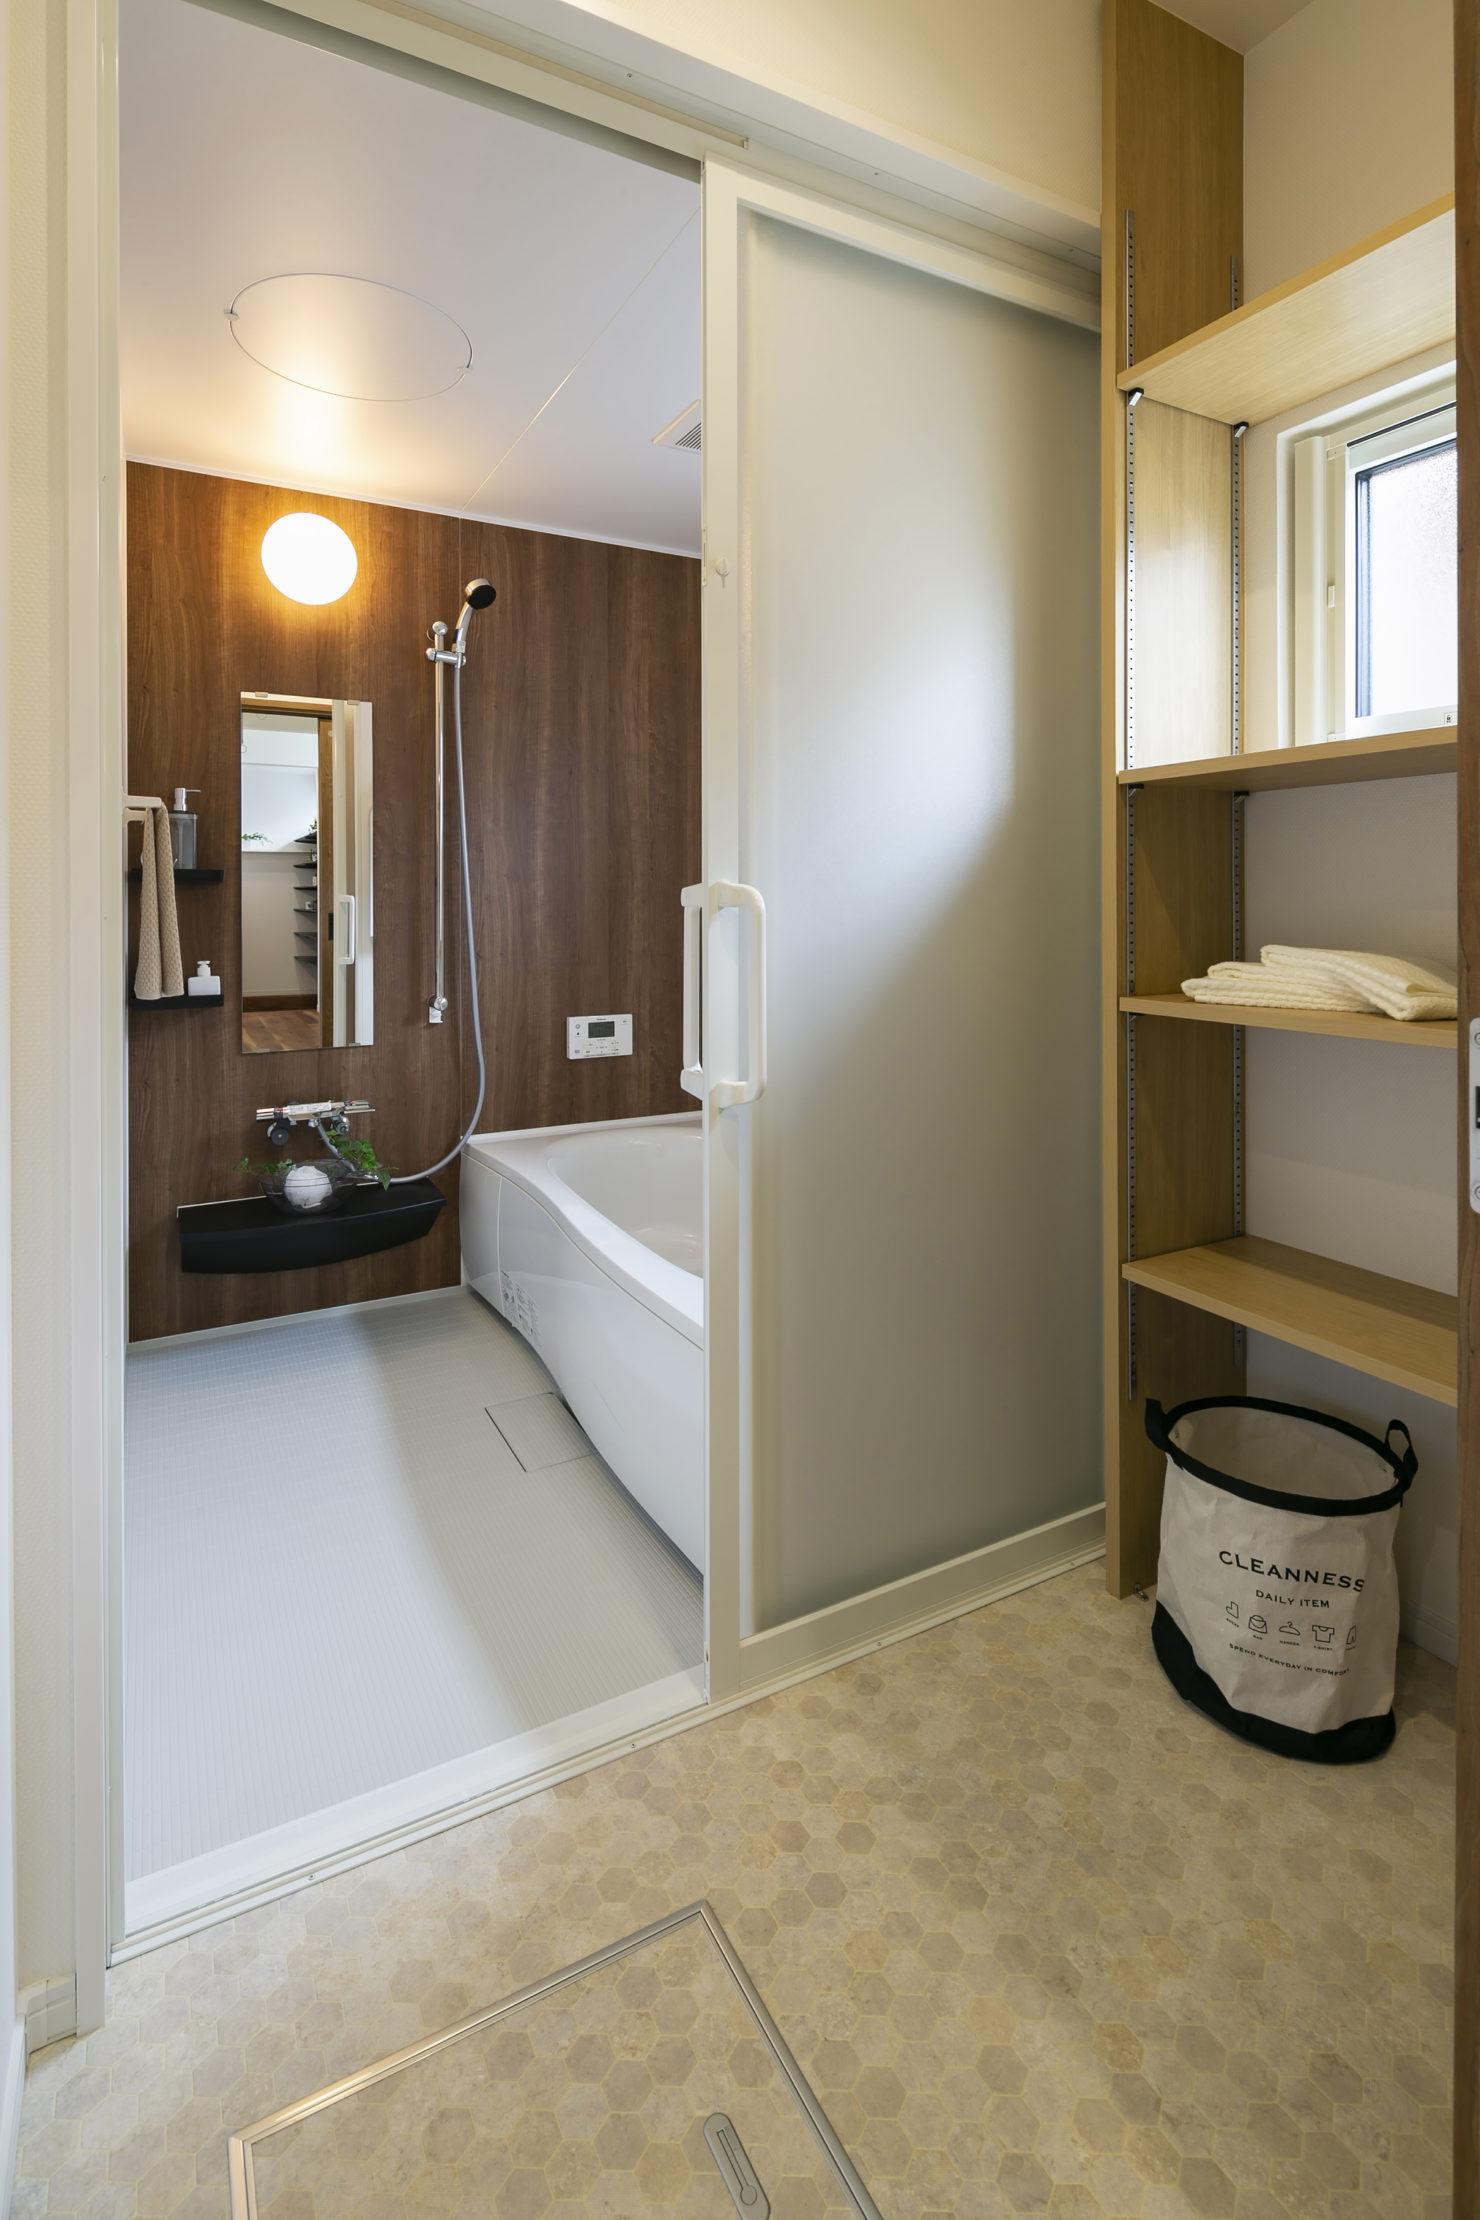 ハウスM21「実用的なオールラウンド動線とスキップフロアなどの面白い・楽しい空間」浴室写真